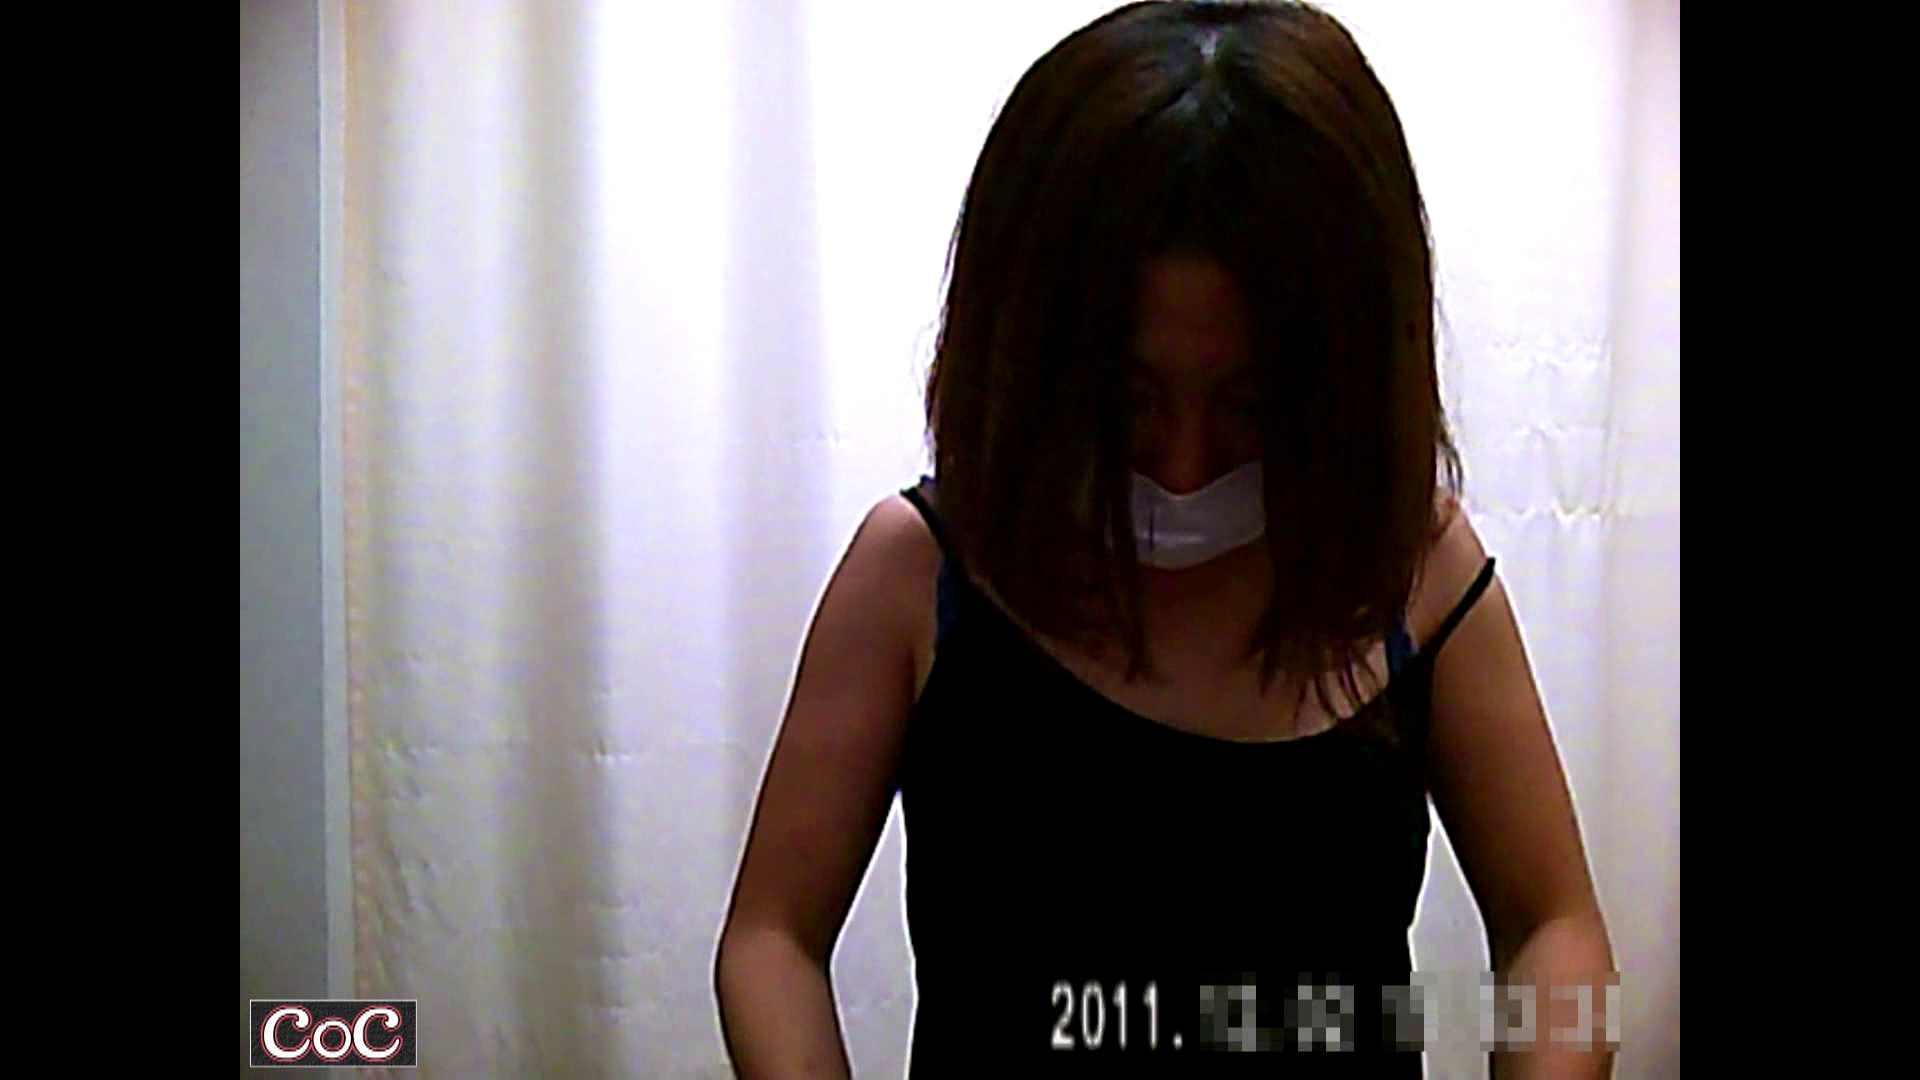 元医者による反抗 更衣室地獄絵巻 vol.188 OLハメ撮り  59Pix 12